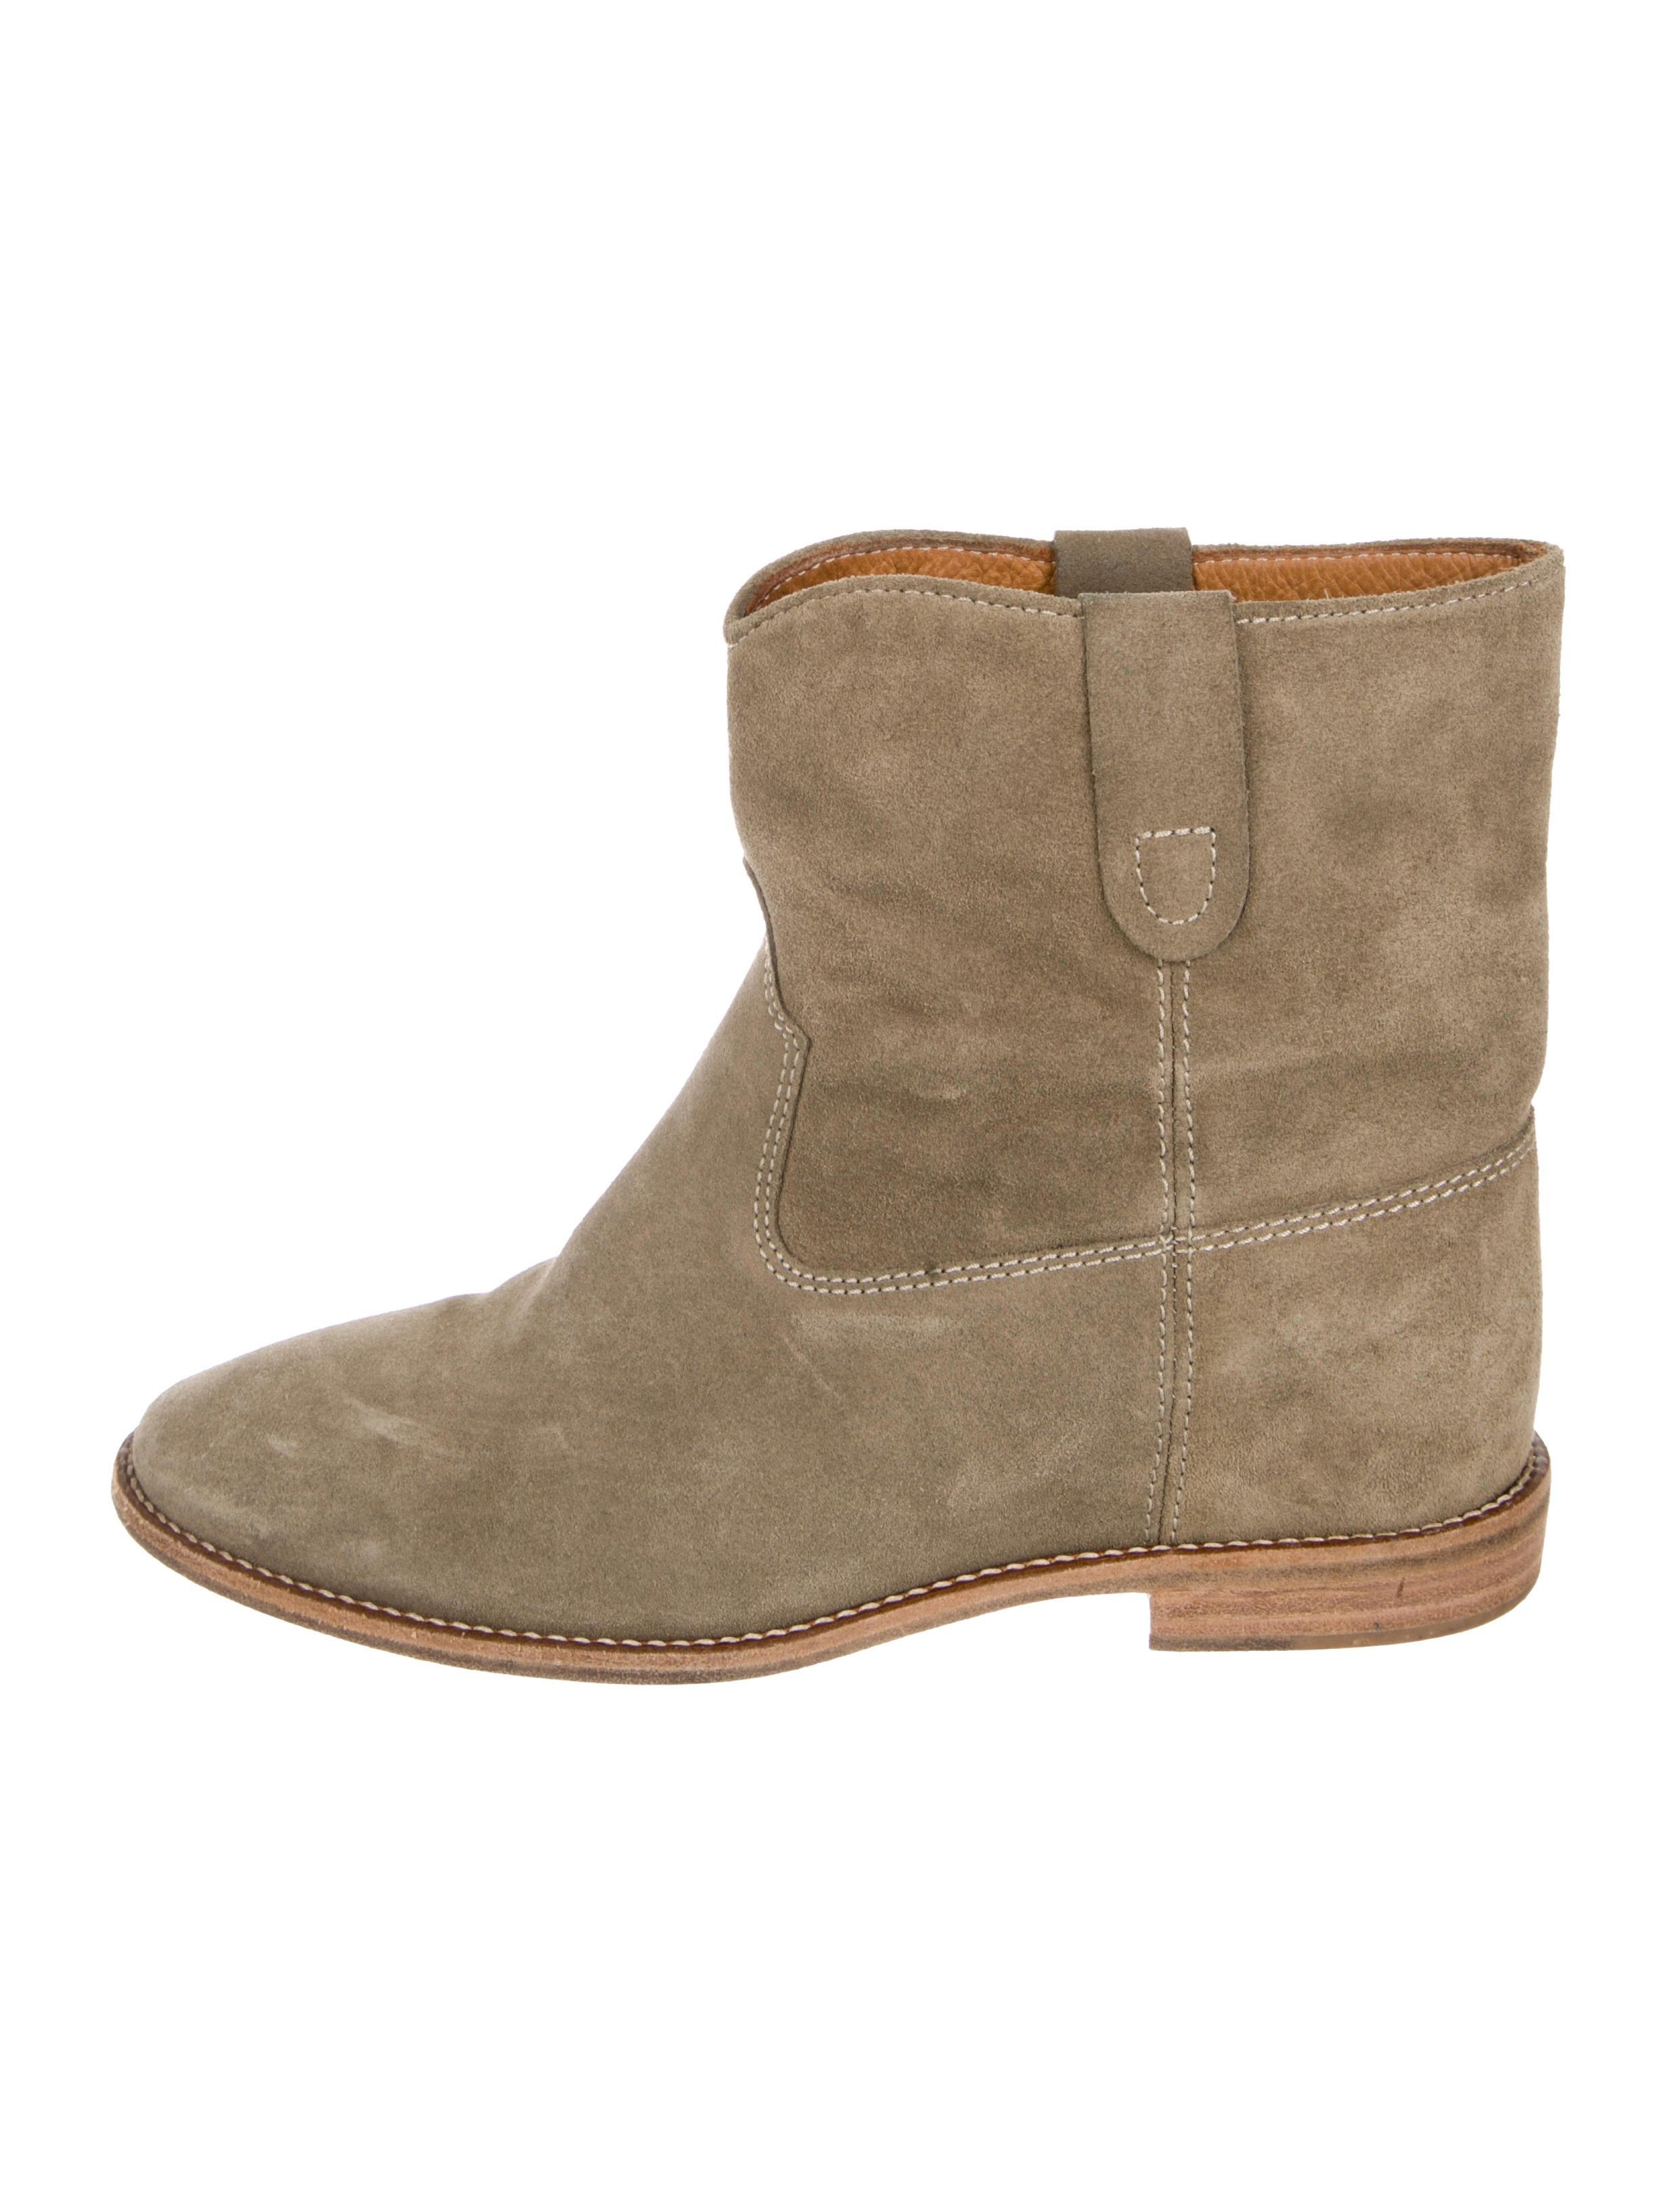 Étoile Isabel Marant Suede Ankle Boots - Shoes - WET64456  e06f425254bd